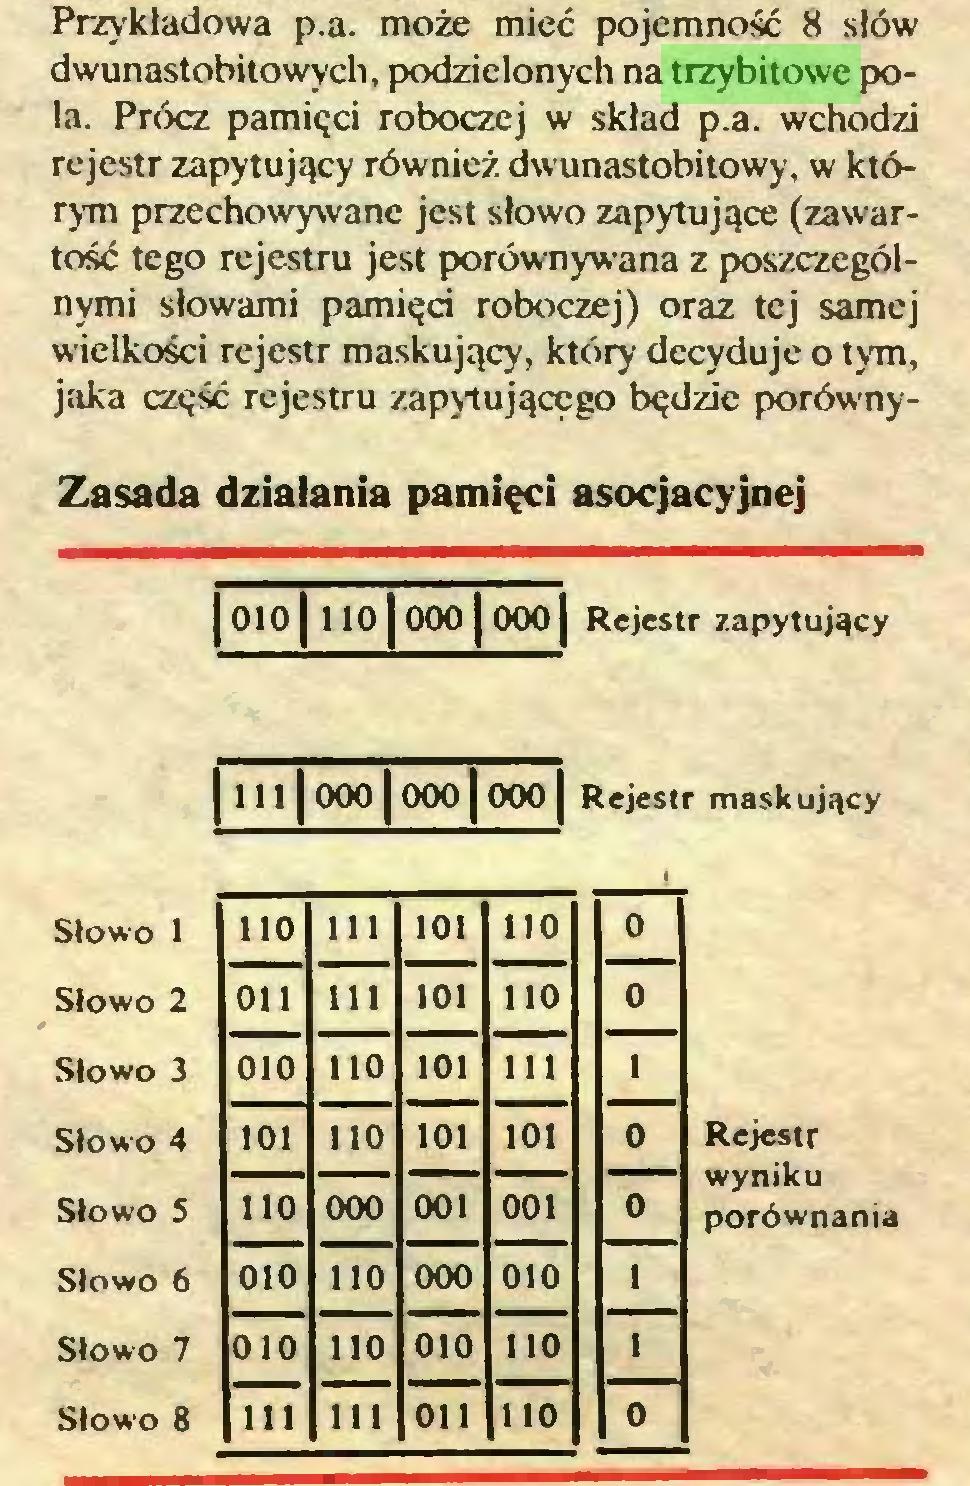 (...) Przykładowa p.a. może mieć pojemność 8 słów dwunastobitowych, podzielonych na trzybitowe pola. Prócz pamięci roboczej w skład p.a. wchodzi rejestr zapytujący również dwunastobitowy, w którym przechowywane jest słowo zapytujące (zawartość tego rejestru jest porównywana z poszczególnymi słowami pamięci roboczej) oraz tej samej wielkości rejestr maskujący, który decyduje o tym, jaka część rejestru zapytującego będzie porównyZasada działania pamięci asocjacyjnej | 0101 110 | 000 | 0001 Rejestr zapytujący j t II1000 j 000 j 000 [ Rejestr maskujący Słowo 1 110 111 101 110 Słowo 2 011 111 101 110 Słowo 3 010 110 101 111 Słowo 4 101 110 101 101 Słowo 5 110 000 001 001 Słowo 6 010 110 000 010 Słowo 7 010 110 010 110 Słowo 8 111 111 011 110 Rejestr wyniku porównania...